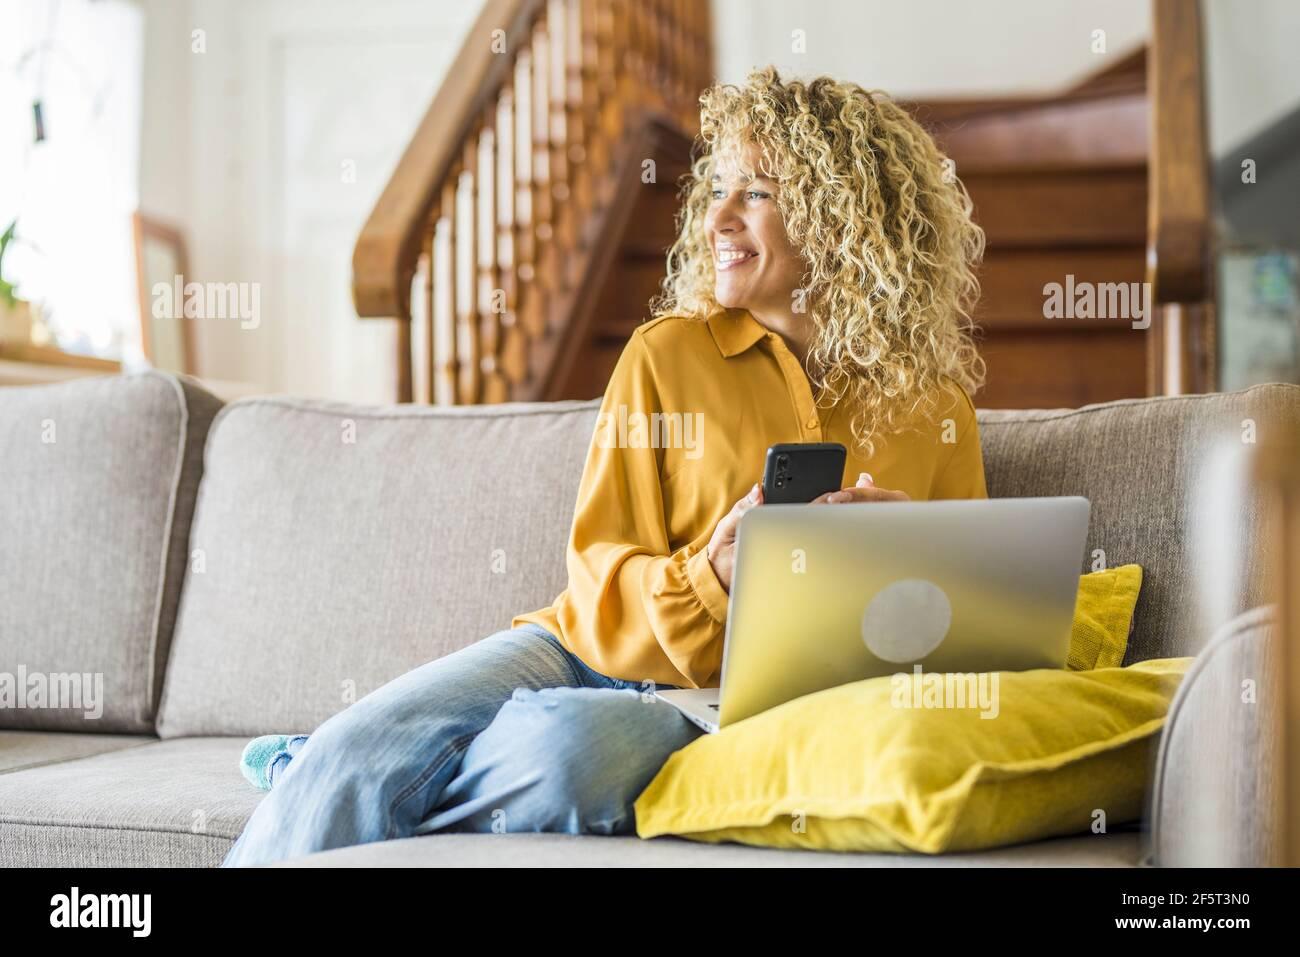 Souriante adulte jeune femme s'assoir se détendre sur le canapé en utilisant l'ordinateur portable moderne de navigation Internet sans fil illimité, heureux jeunes indépendants travail sur ordinateur Banque D'Images